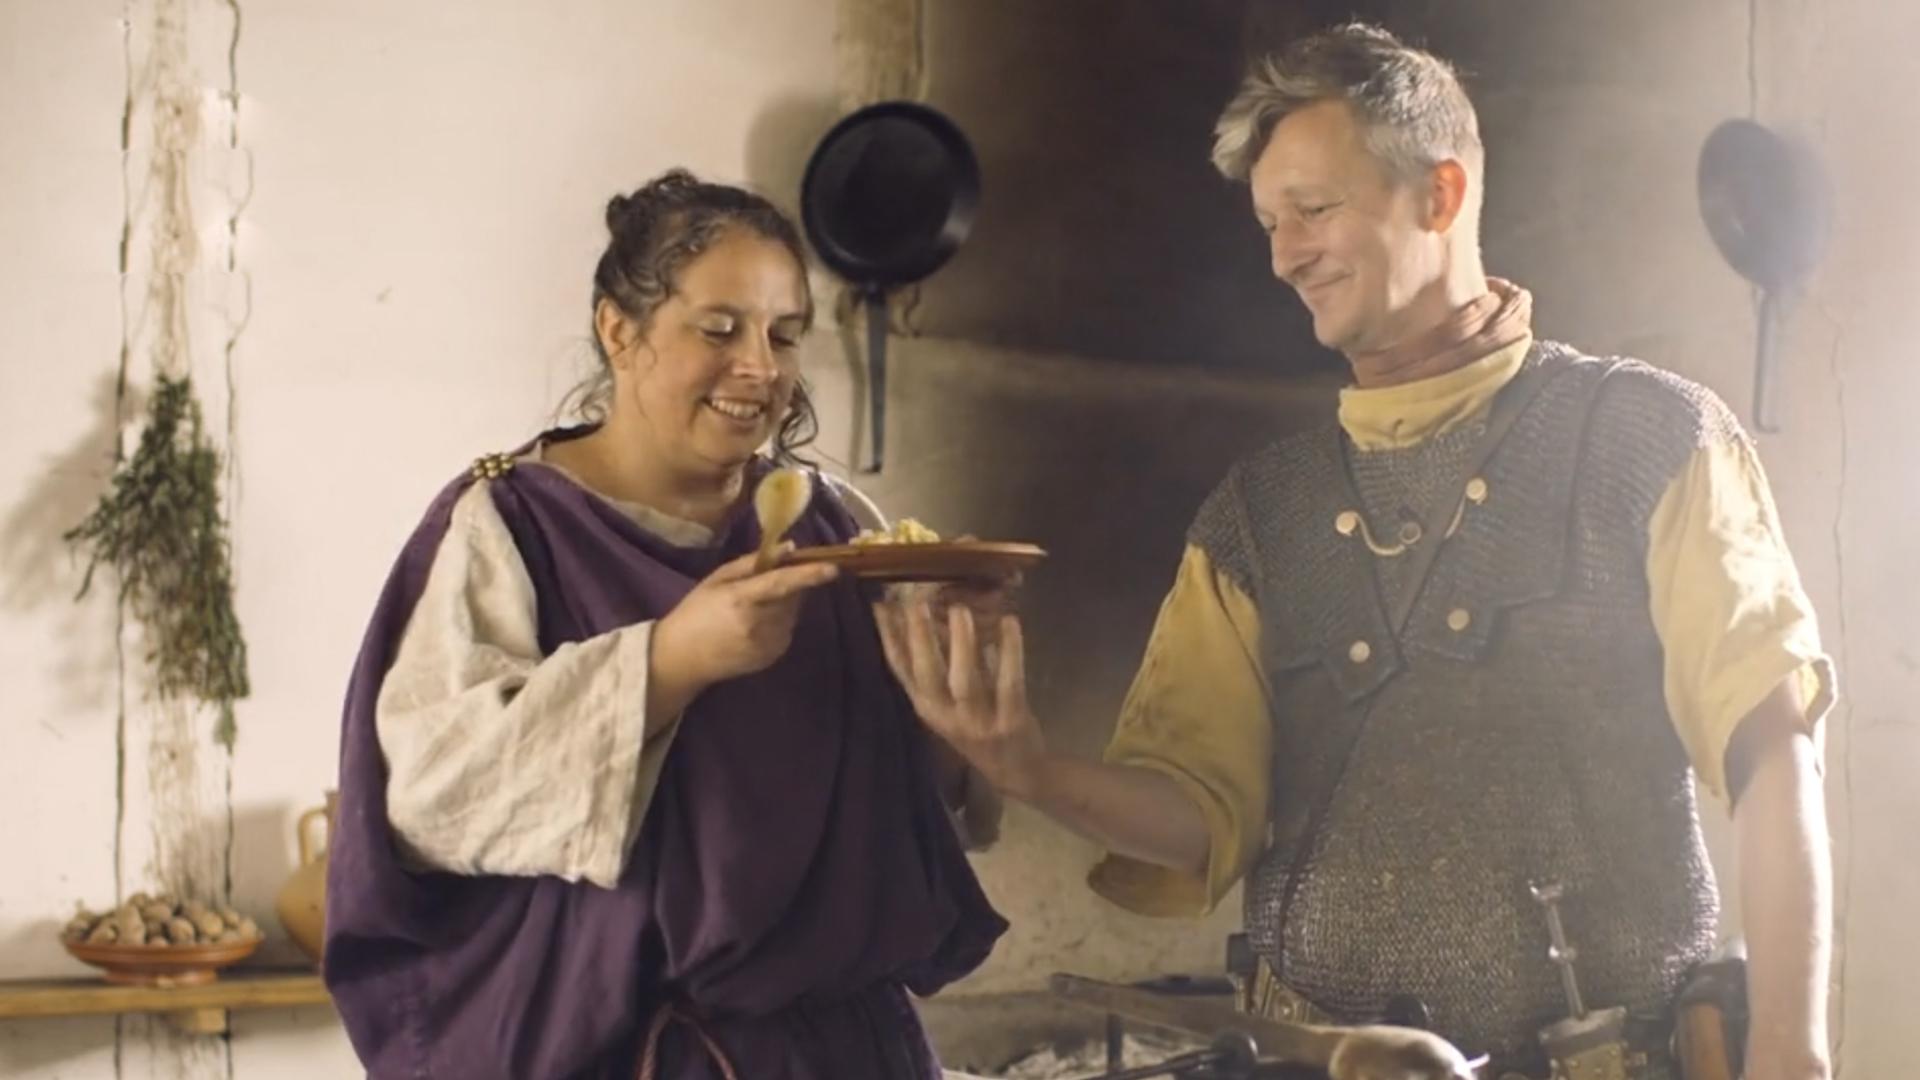 Legionär und Römerin stehen in einer antiken Küche